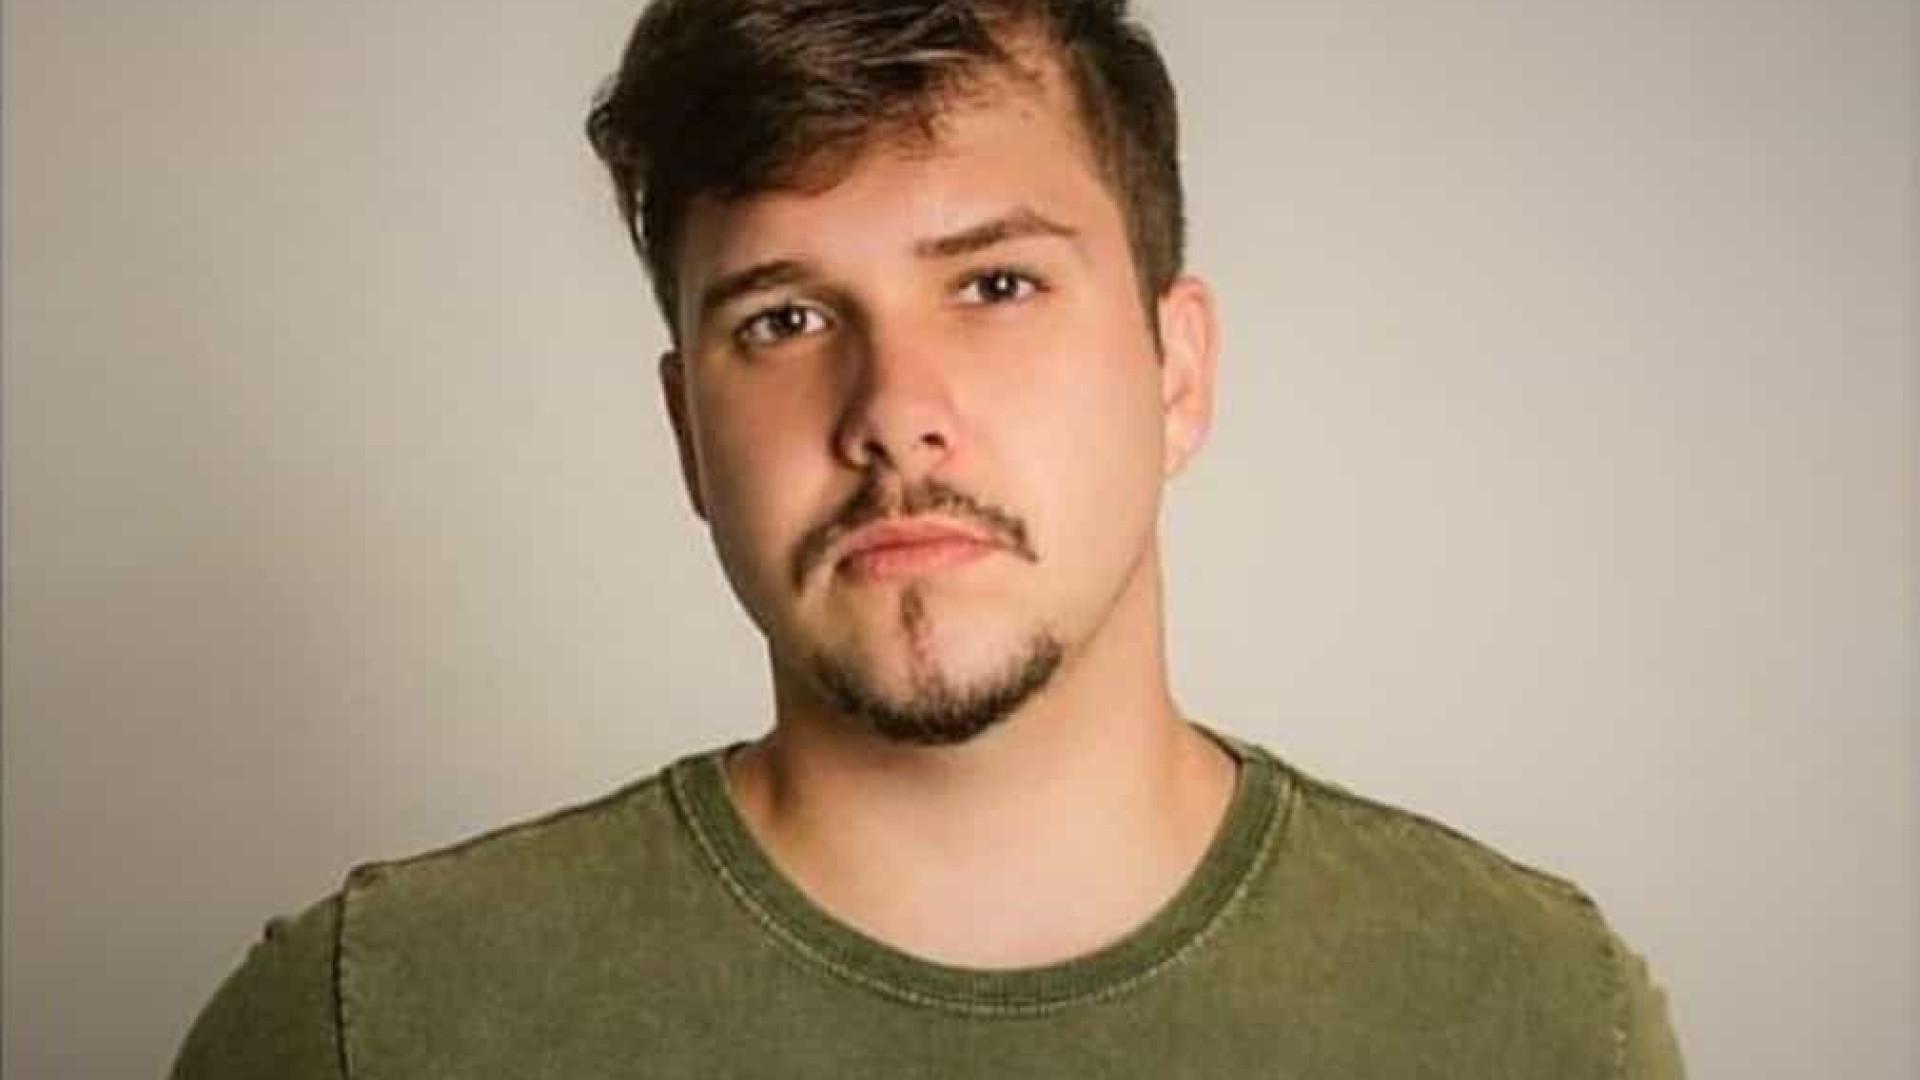 Cantor sertanejo de 22 anos morre em acidente de trânsito